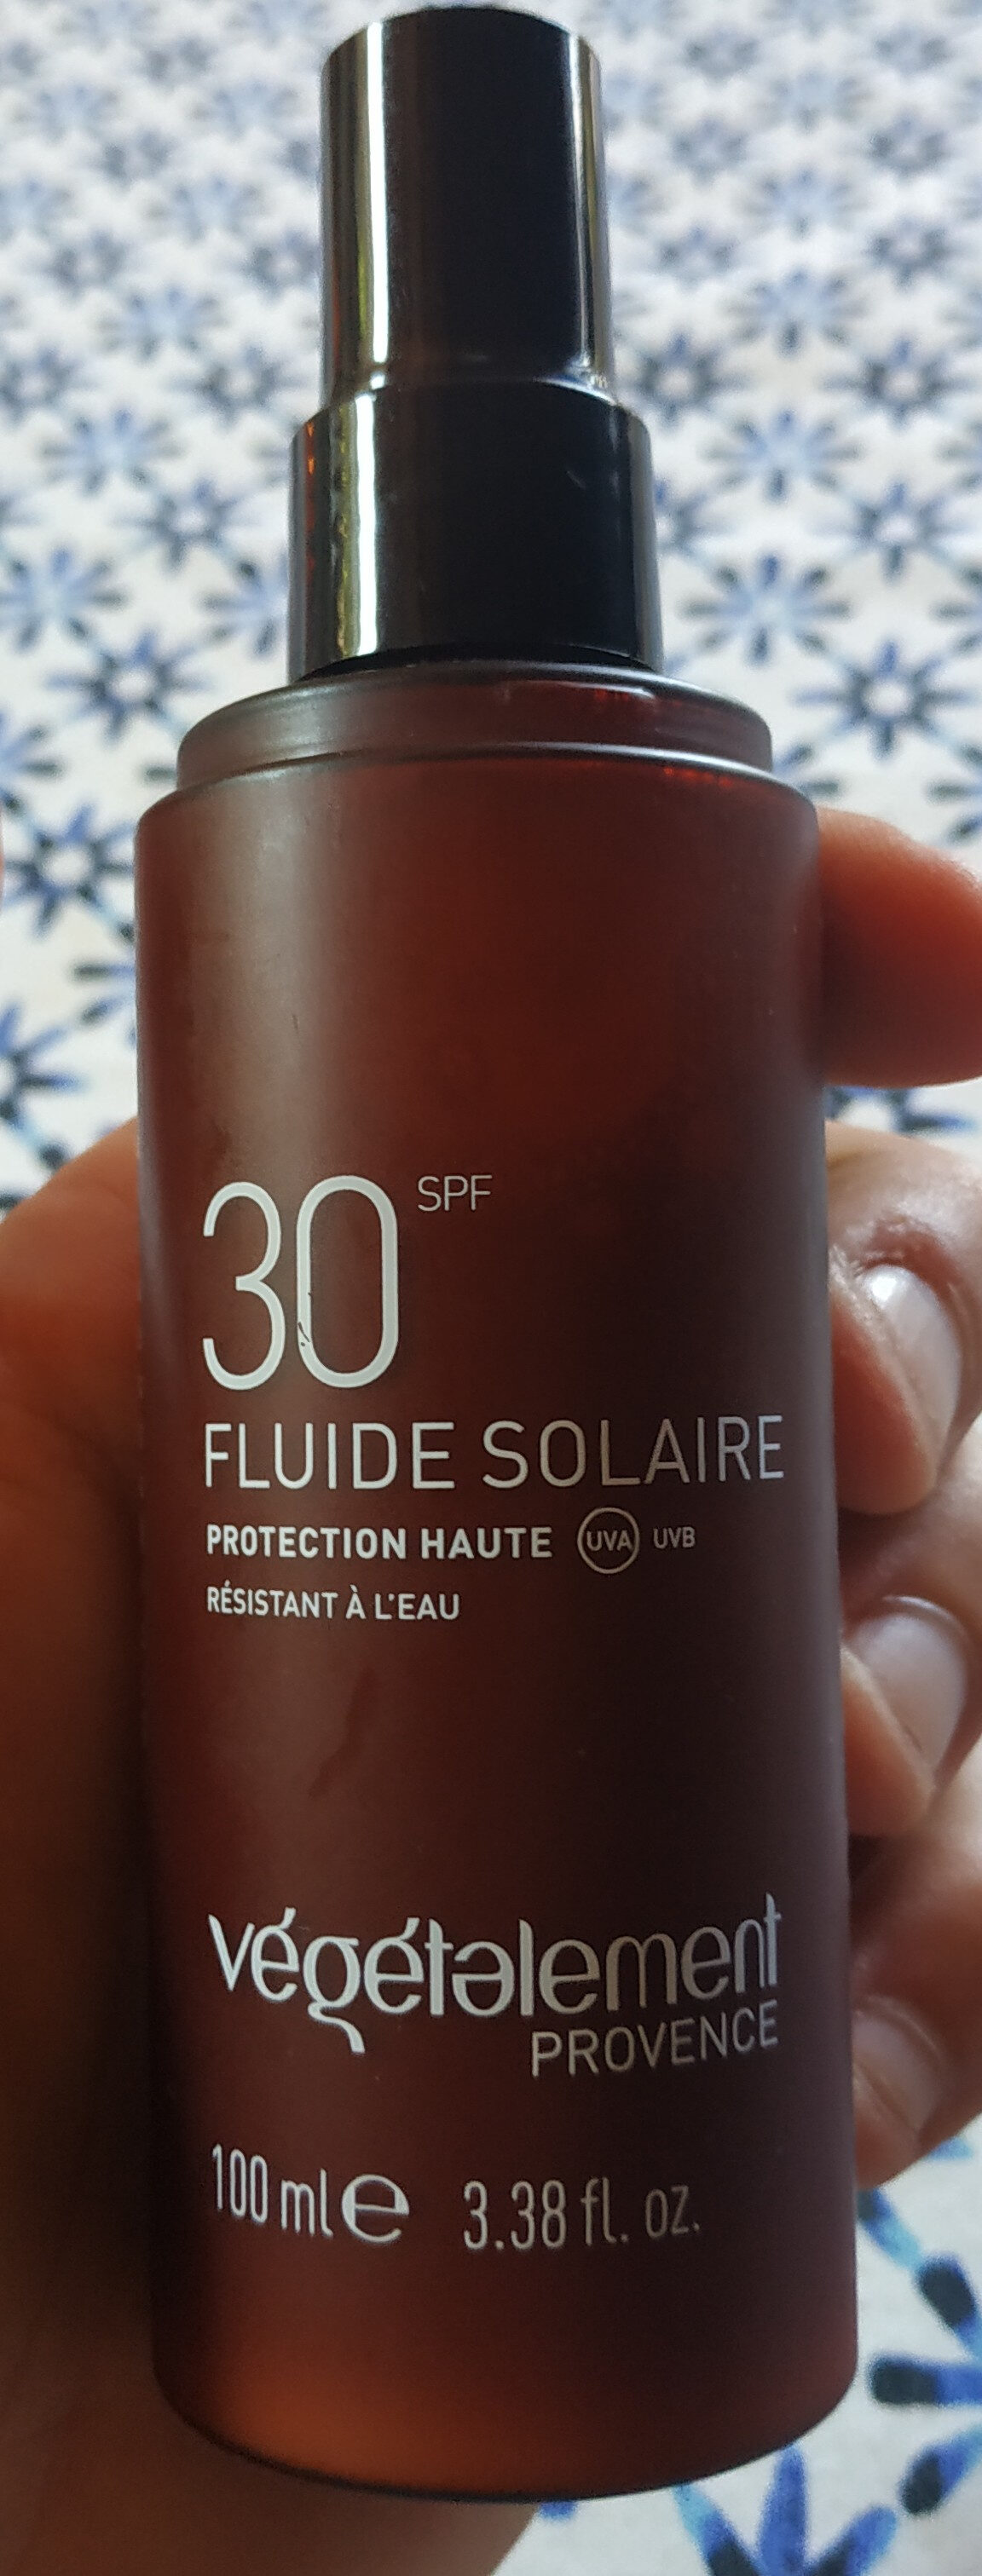 Fluide solaire - Produit - fr